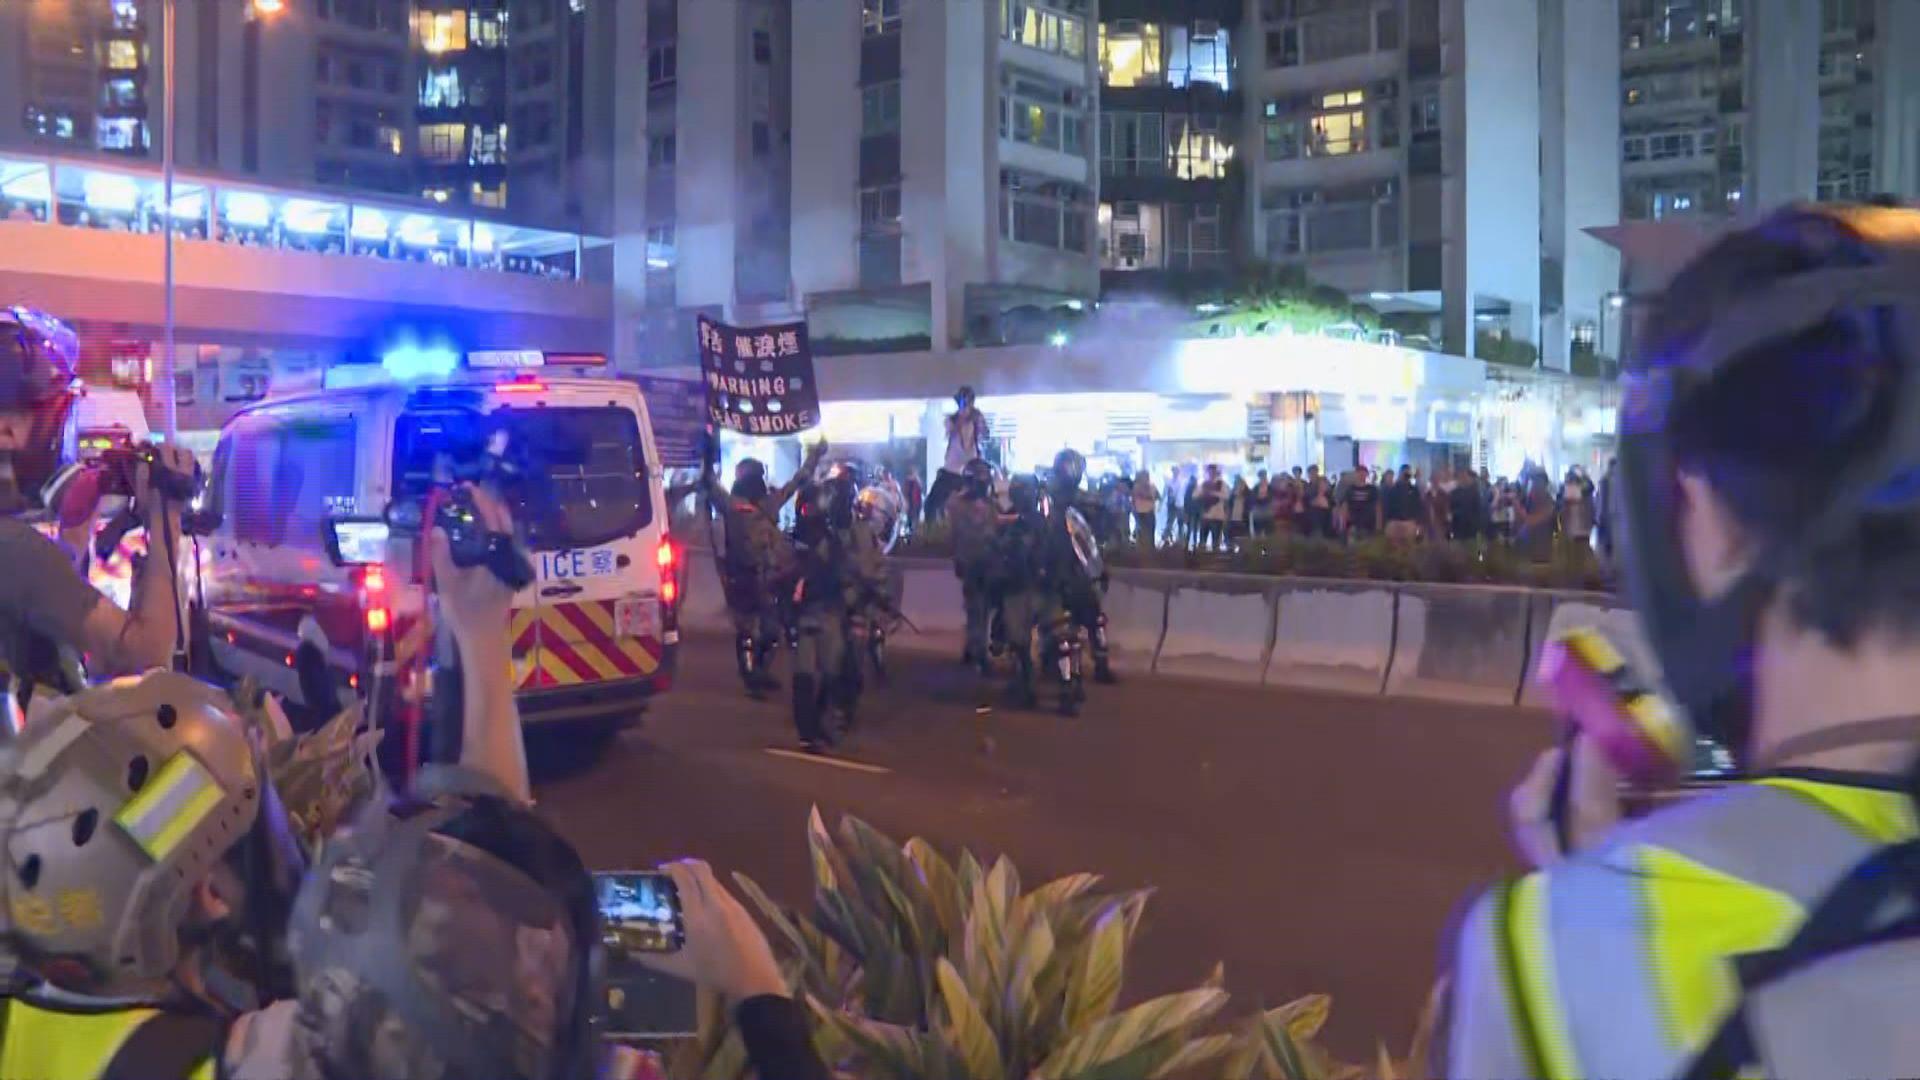 黃埔入夜後有人堵路 警方施放催淚彈